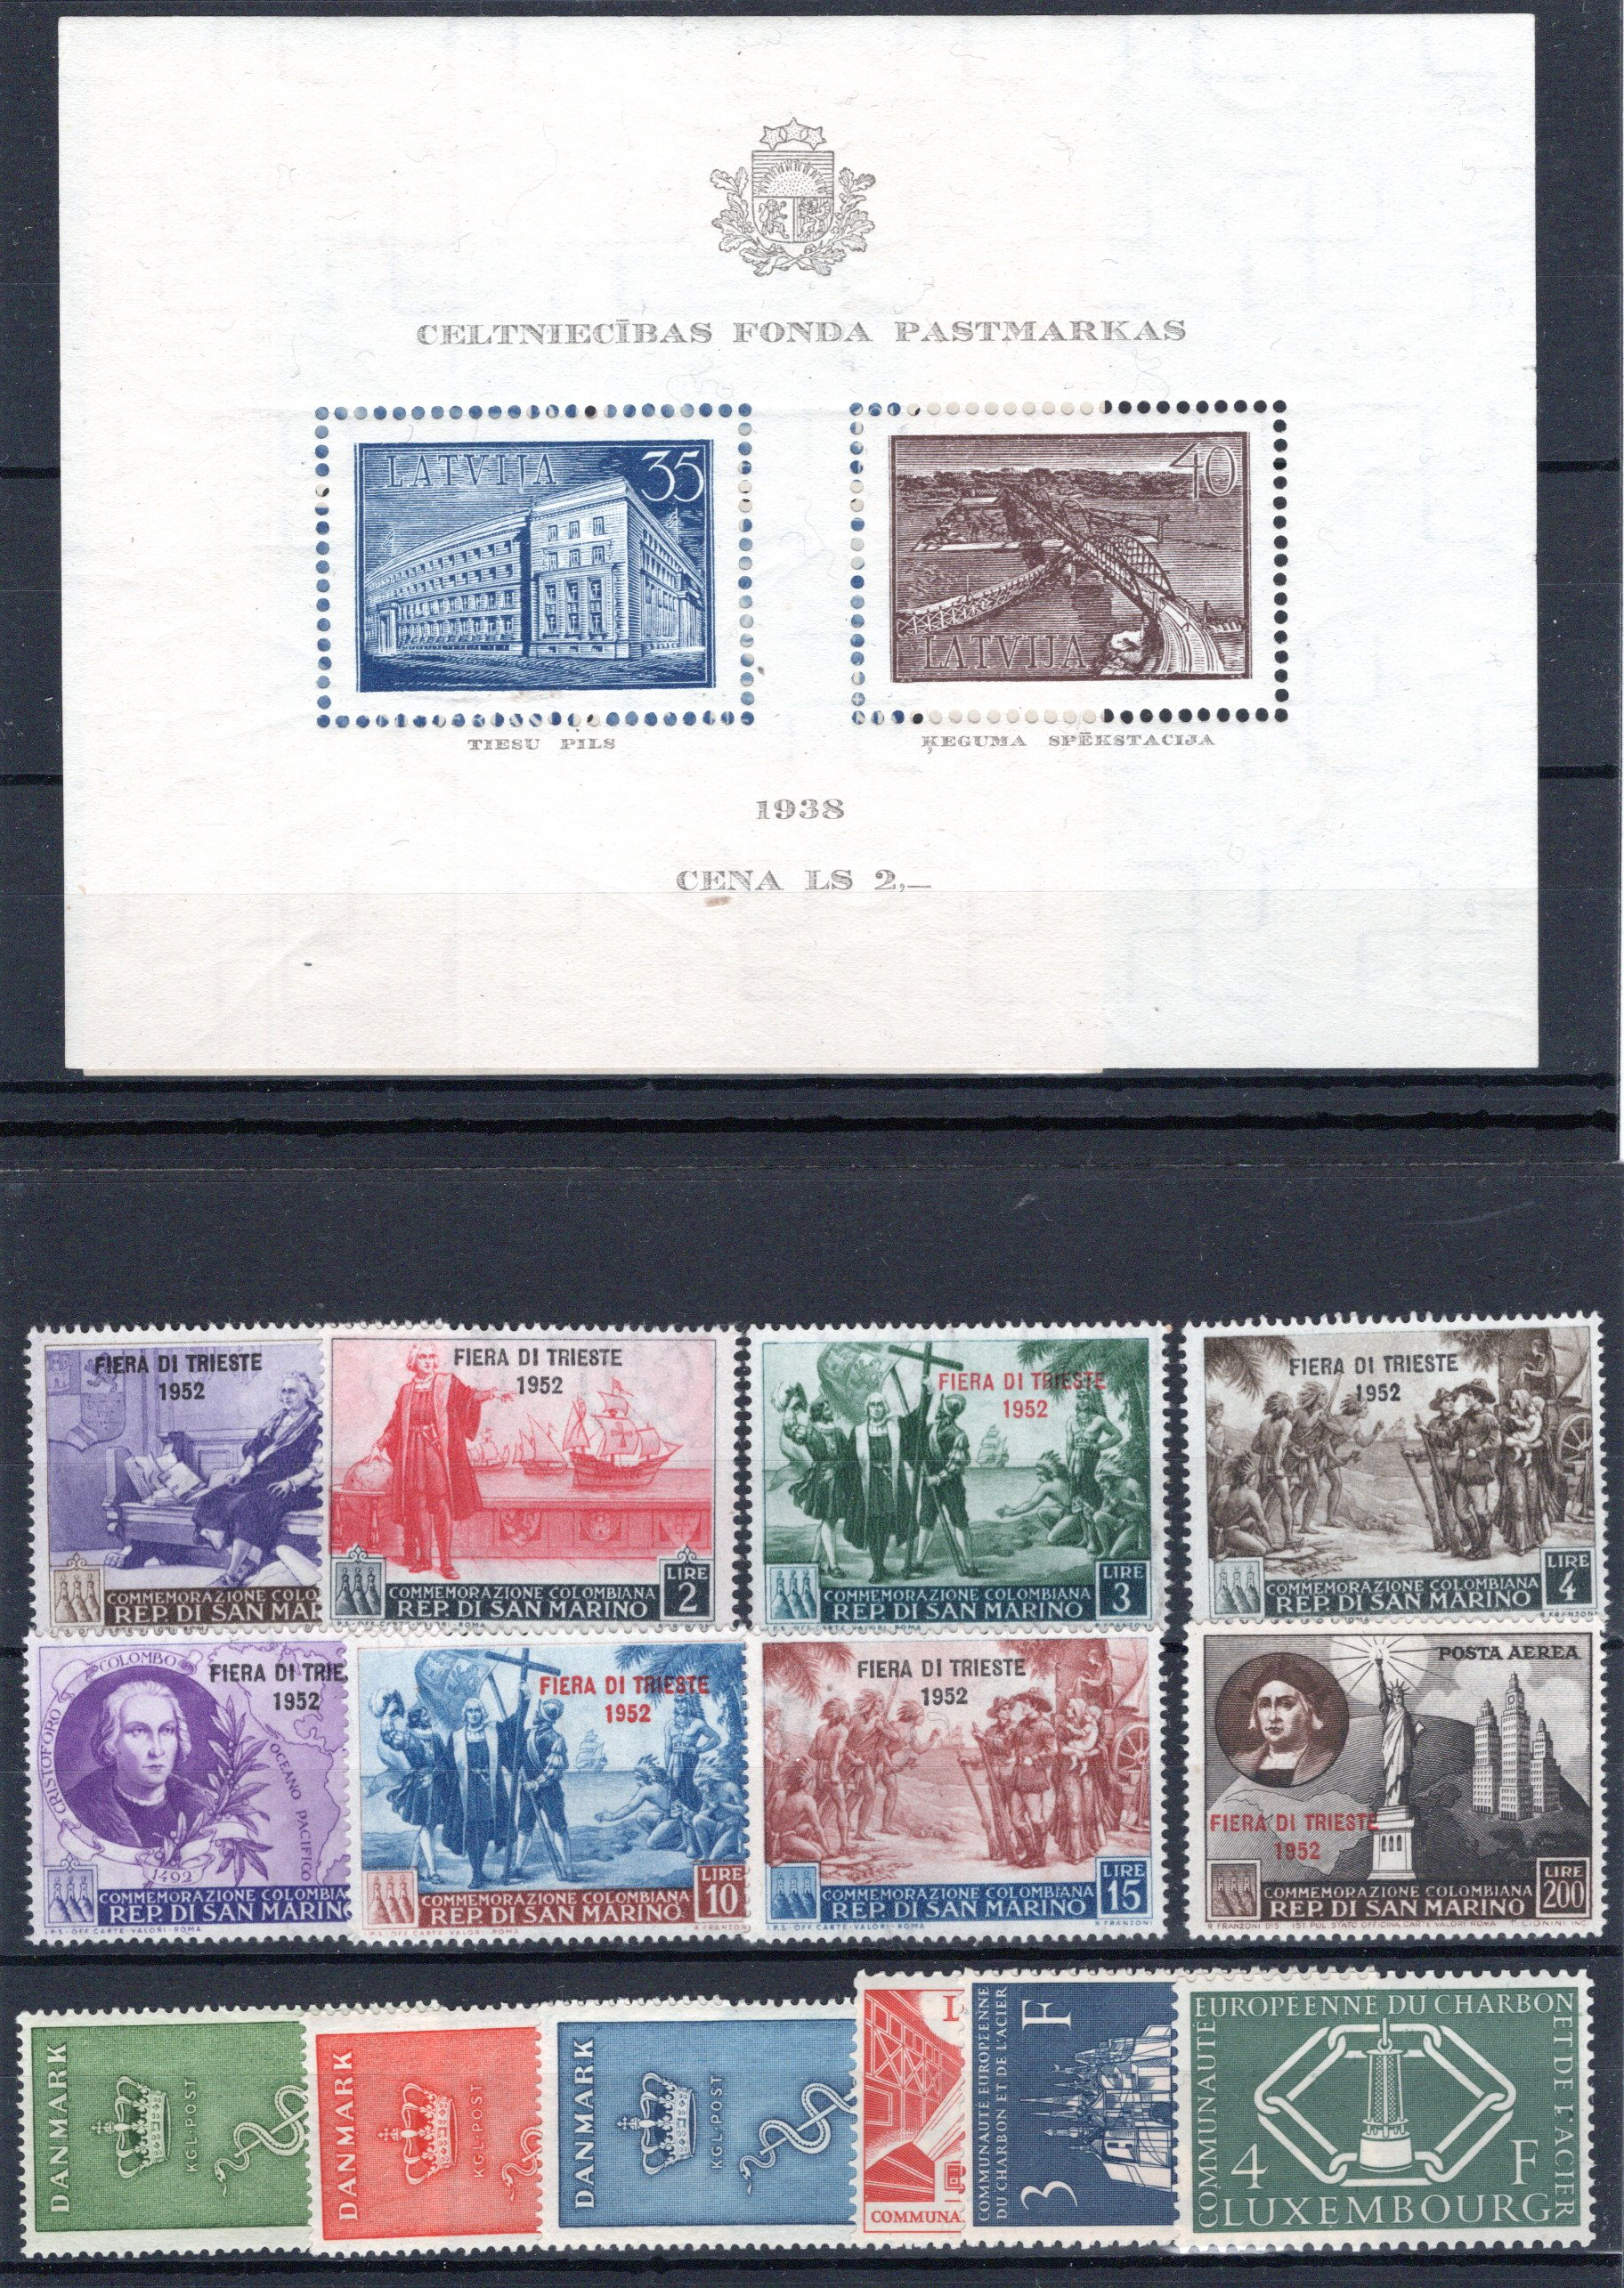 Lot 1663 - europe San Marino -  Georg Bühler Briefmarken Auktionen GmbH Auktion 333